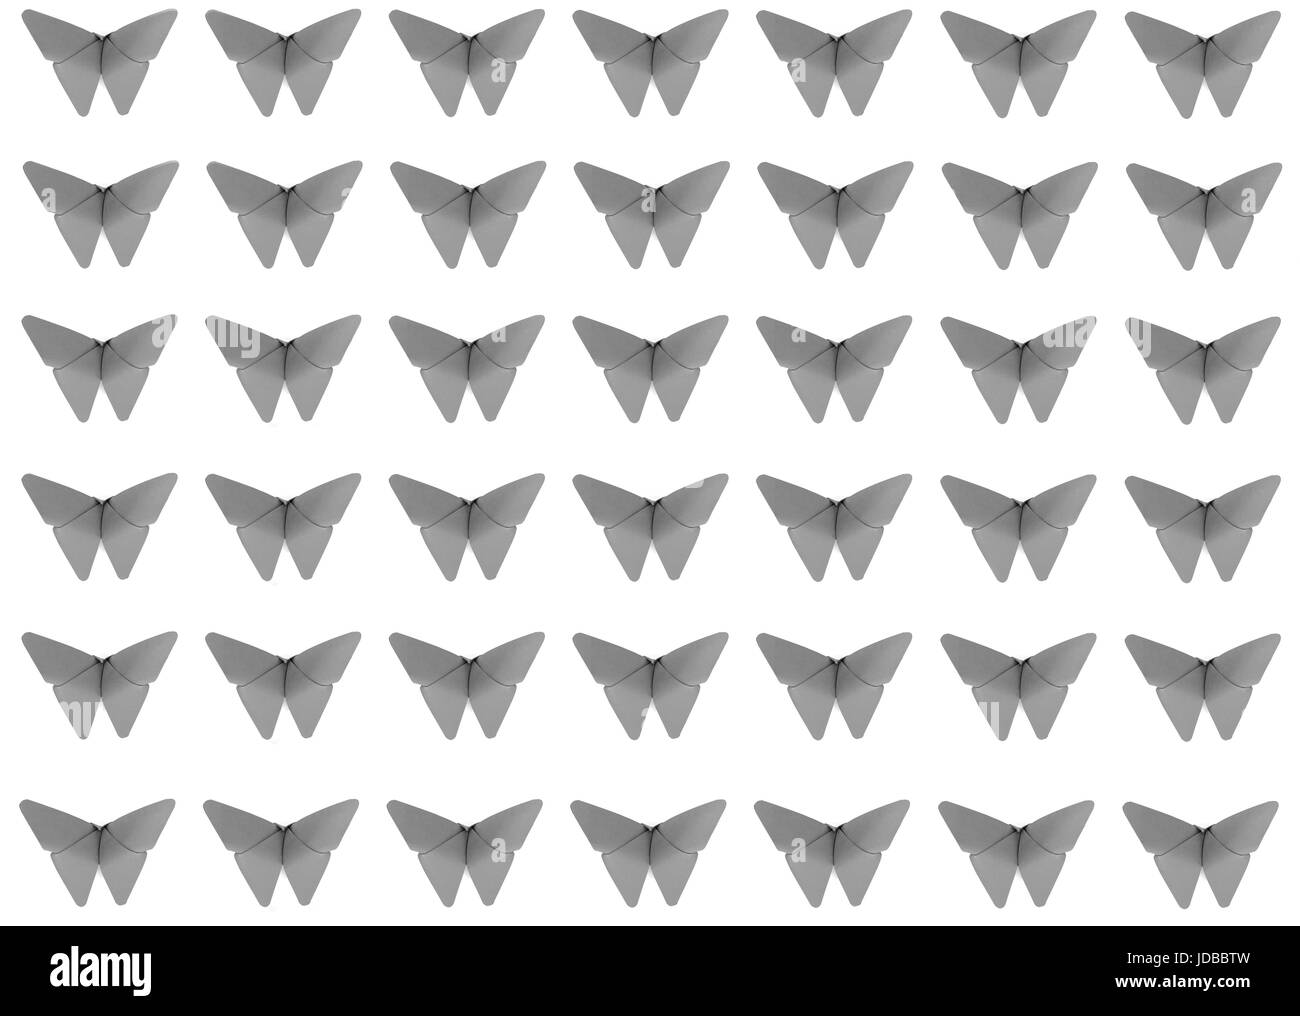 Origami Schmetterlinge Muster in Graustufen Stockbild